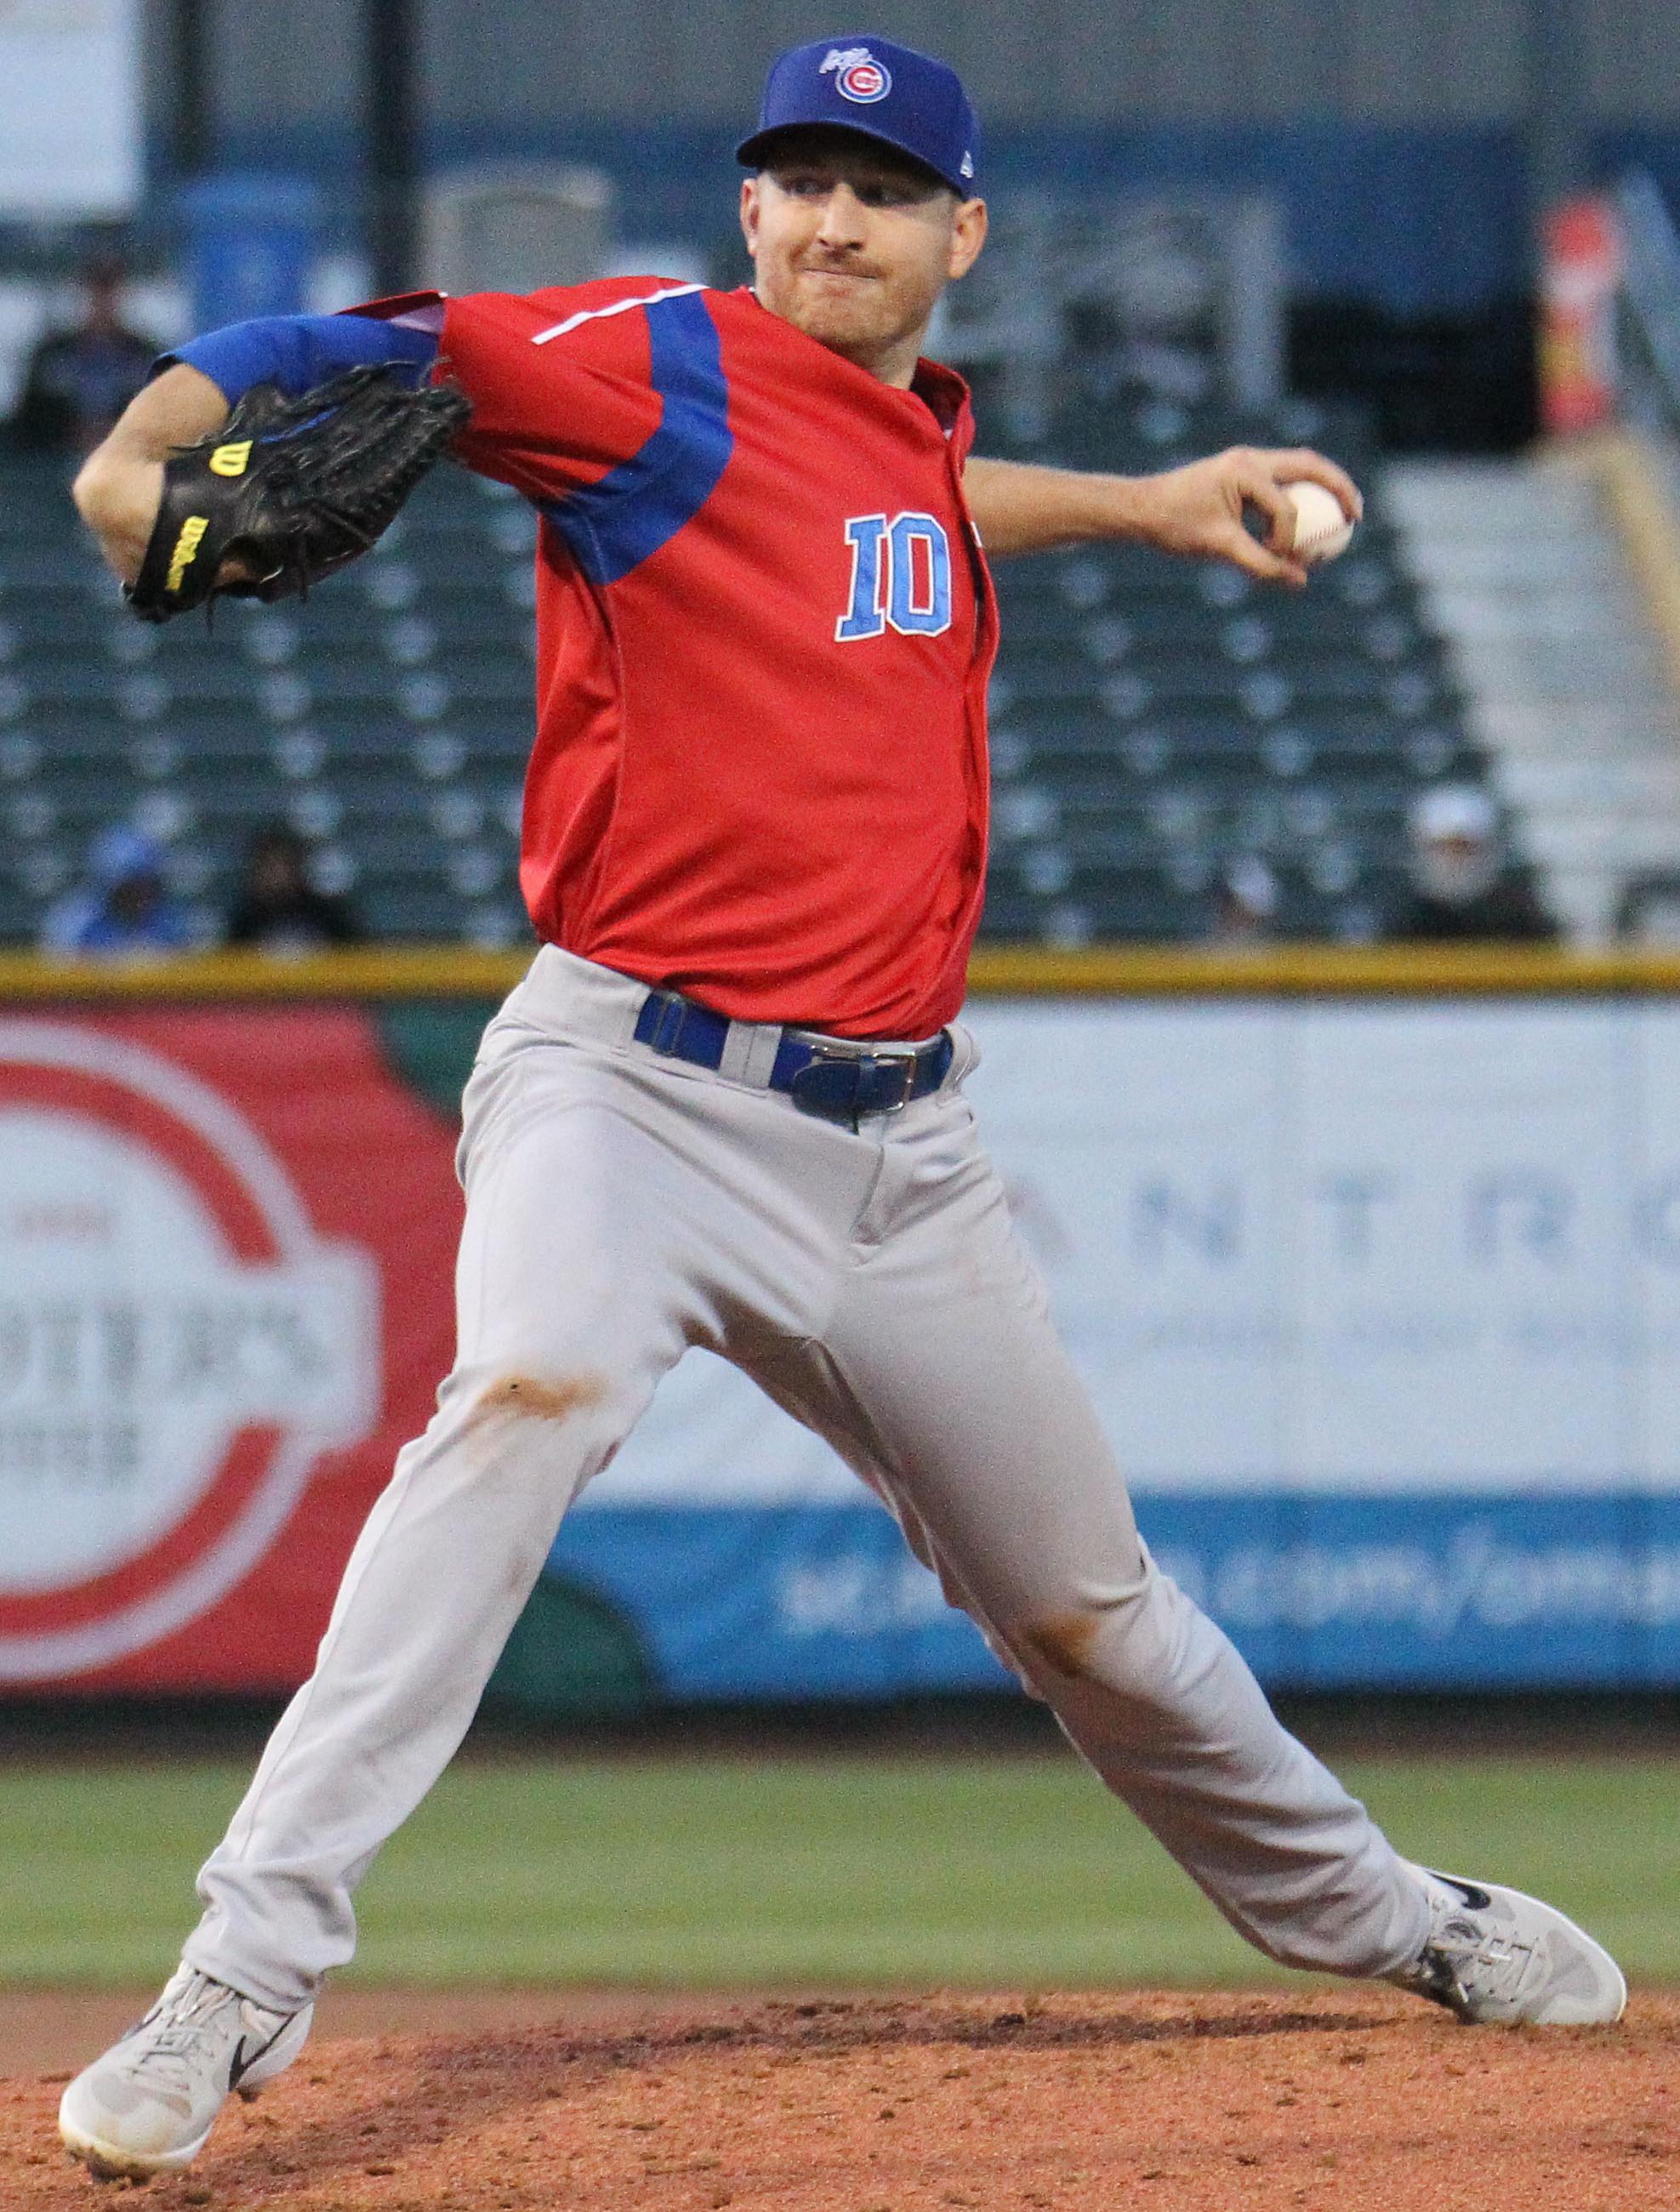 マイク・モンゴメリー (野球) - Wikipedia